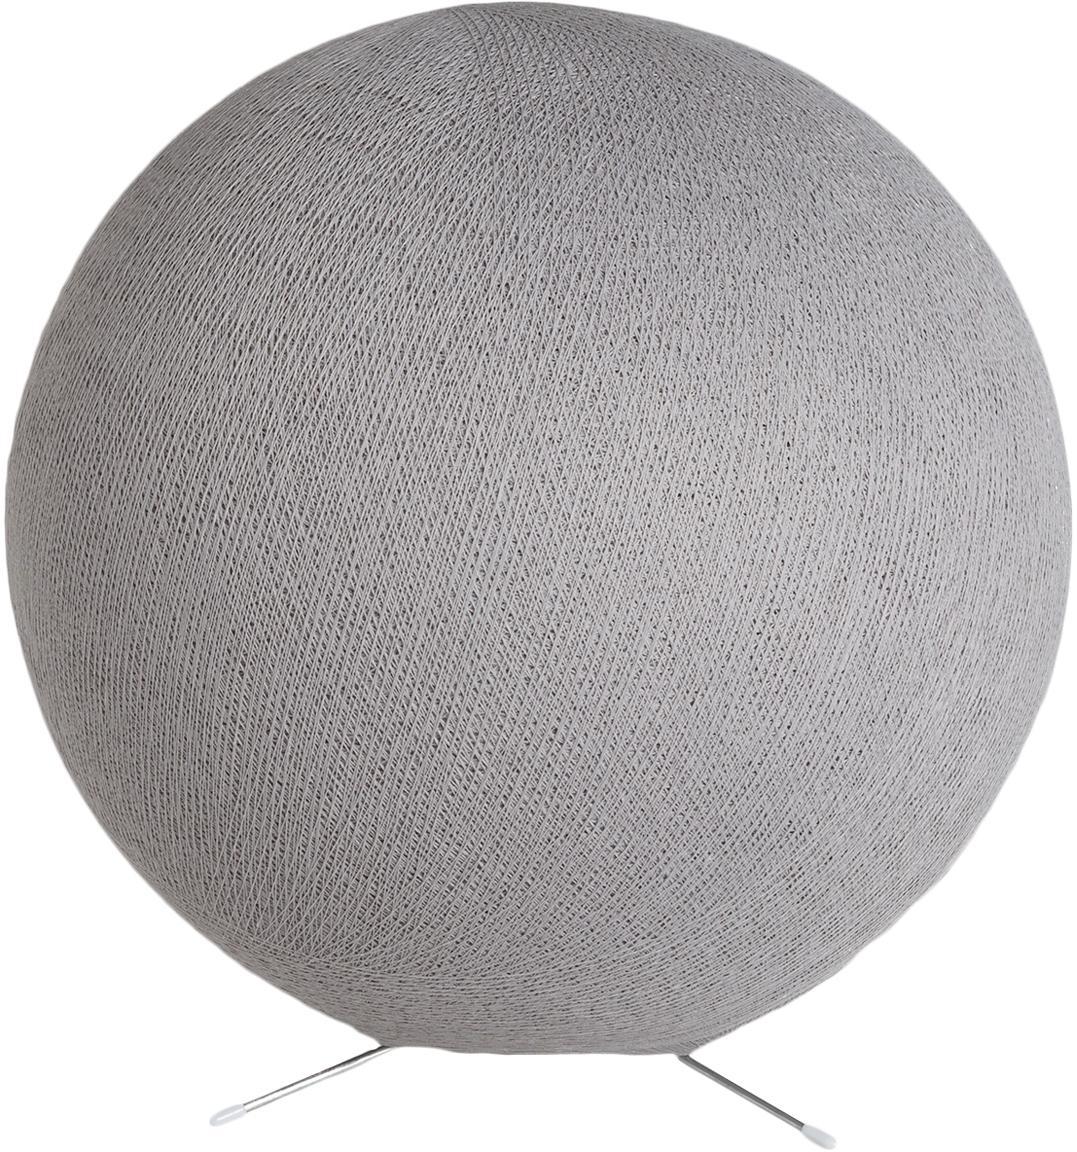 Lampa stołowa Colorain, Szary kamienny, Ø 36 cm